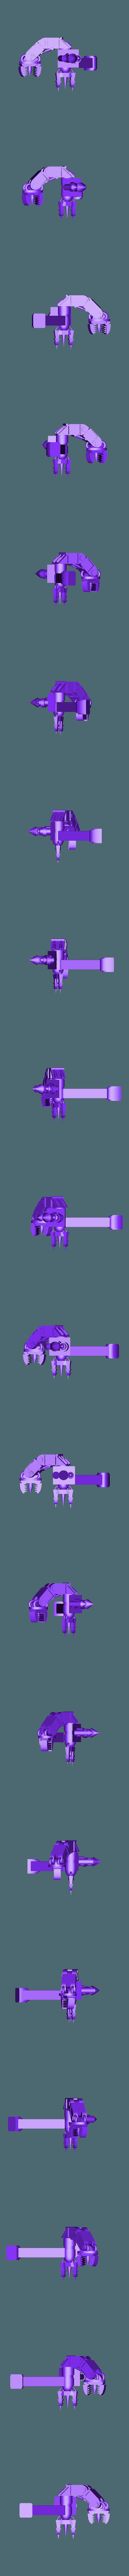 shouler_weapons.stl Télécharger fichier STL gratuit Ork Mega Gargant Epic 40k proxy model 6mm Titanicus • Modèle pour imprimante 3D, redstarkits